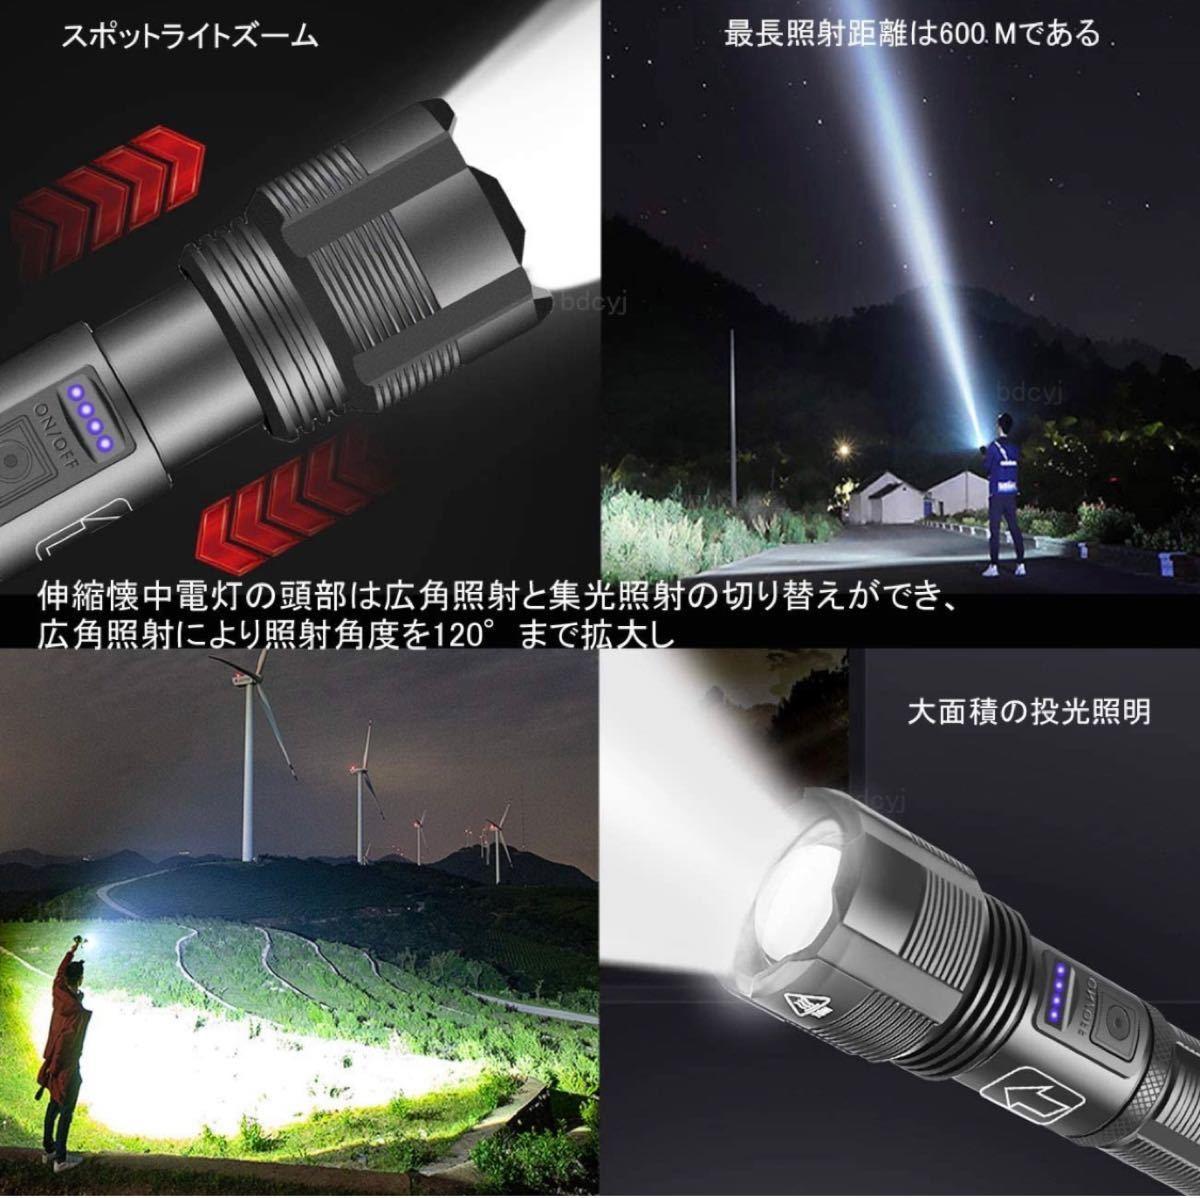 懐中電灯Led ライト ズーム led懐中電灯 強力 軍用 最強 ハンディライト